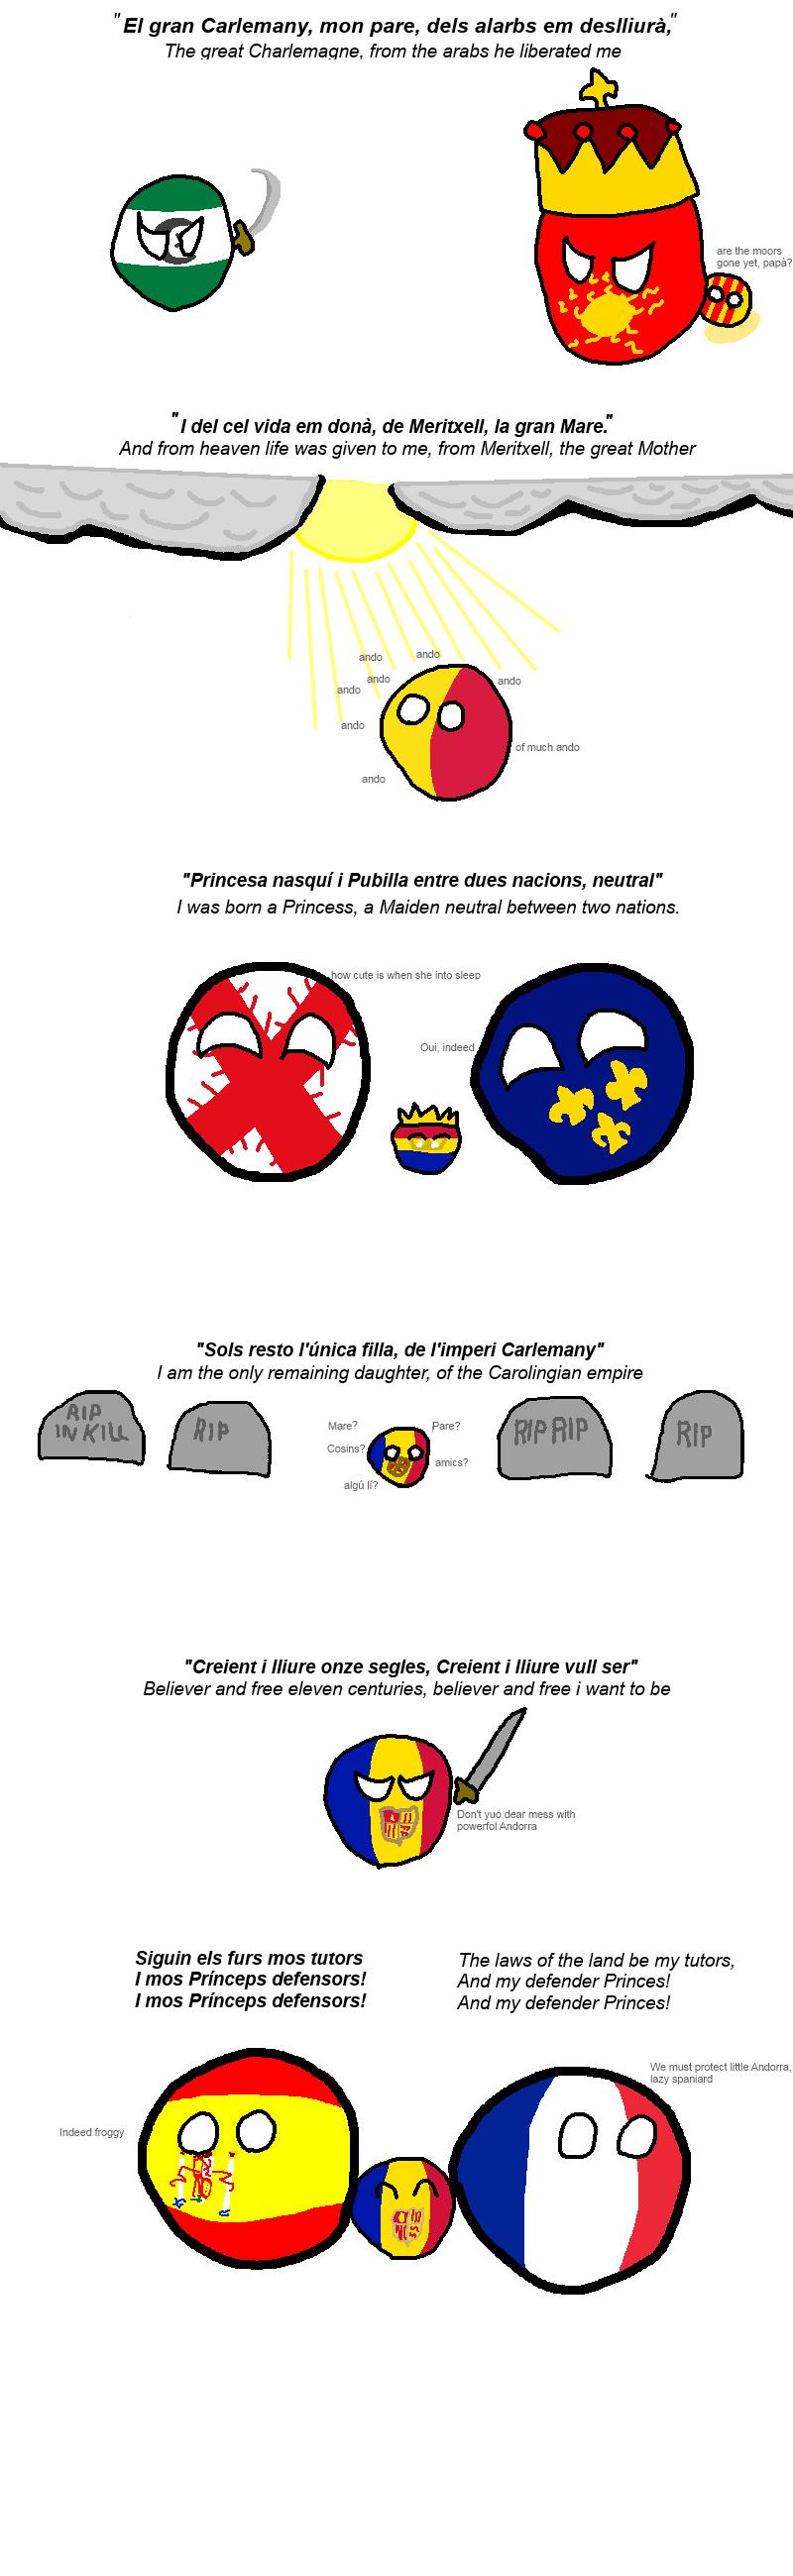 El Gran Carlemany